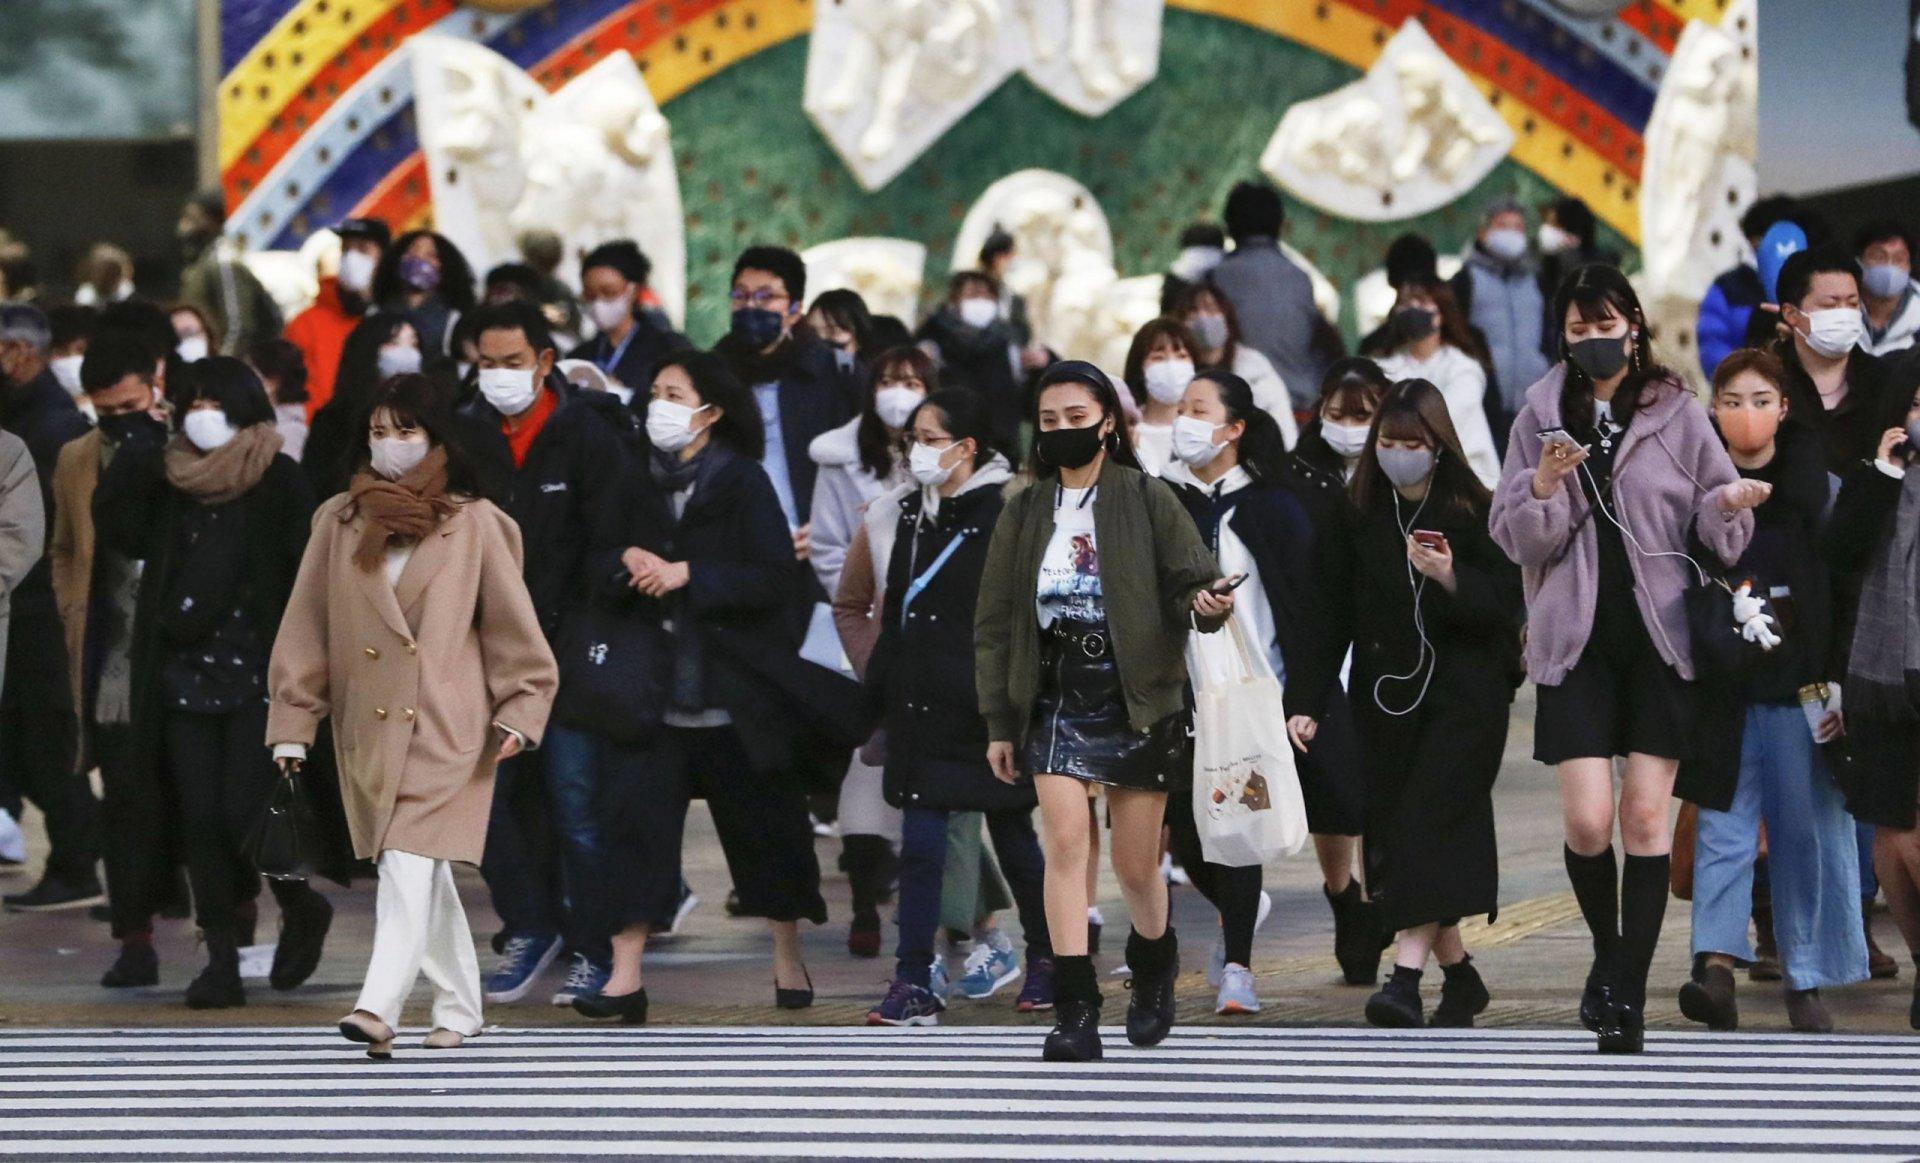 Япон улсын хүн амын нэг хүрэхгүй хувь нь вакцин хийлгэжээ